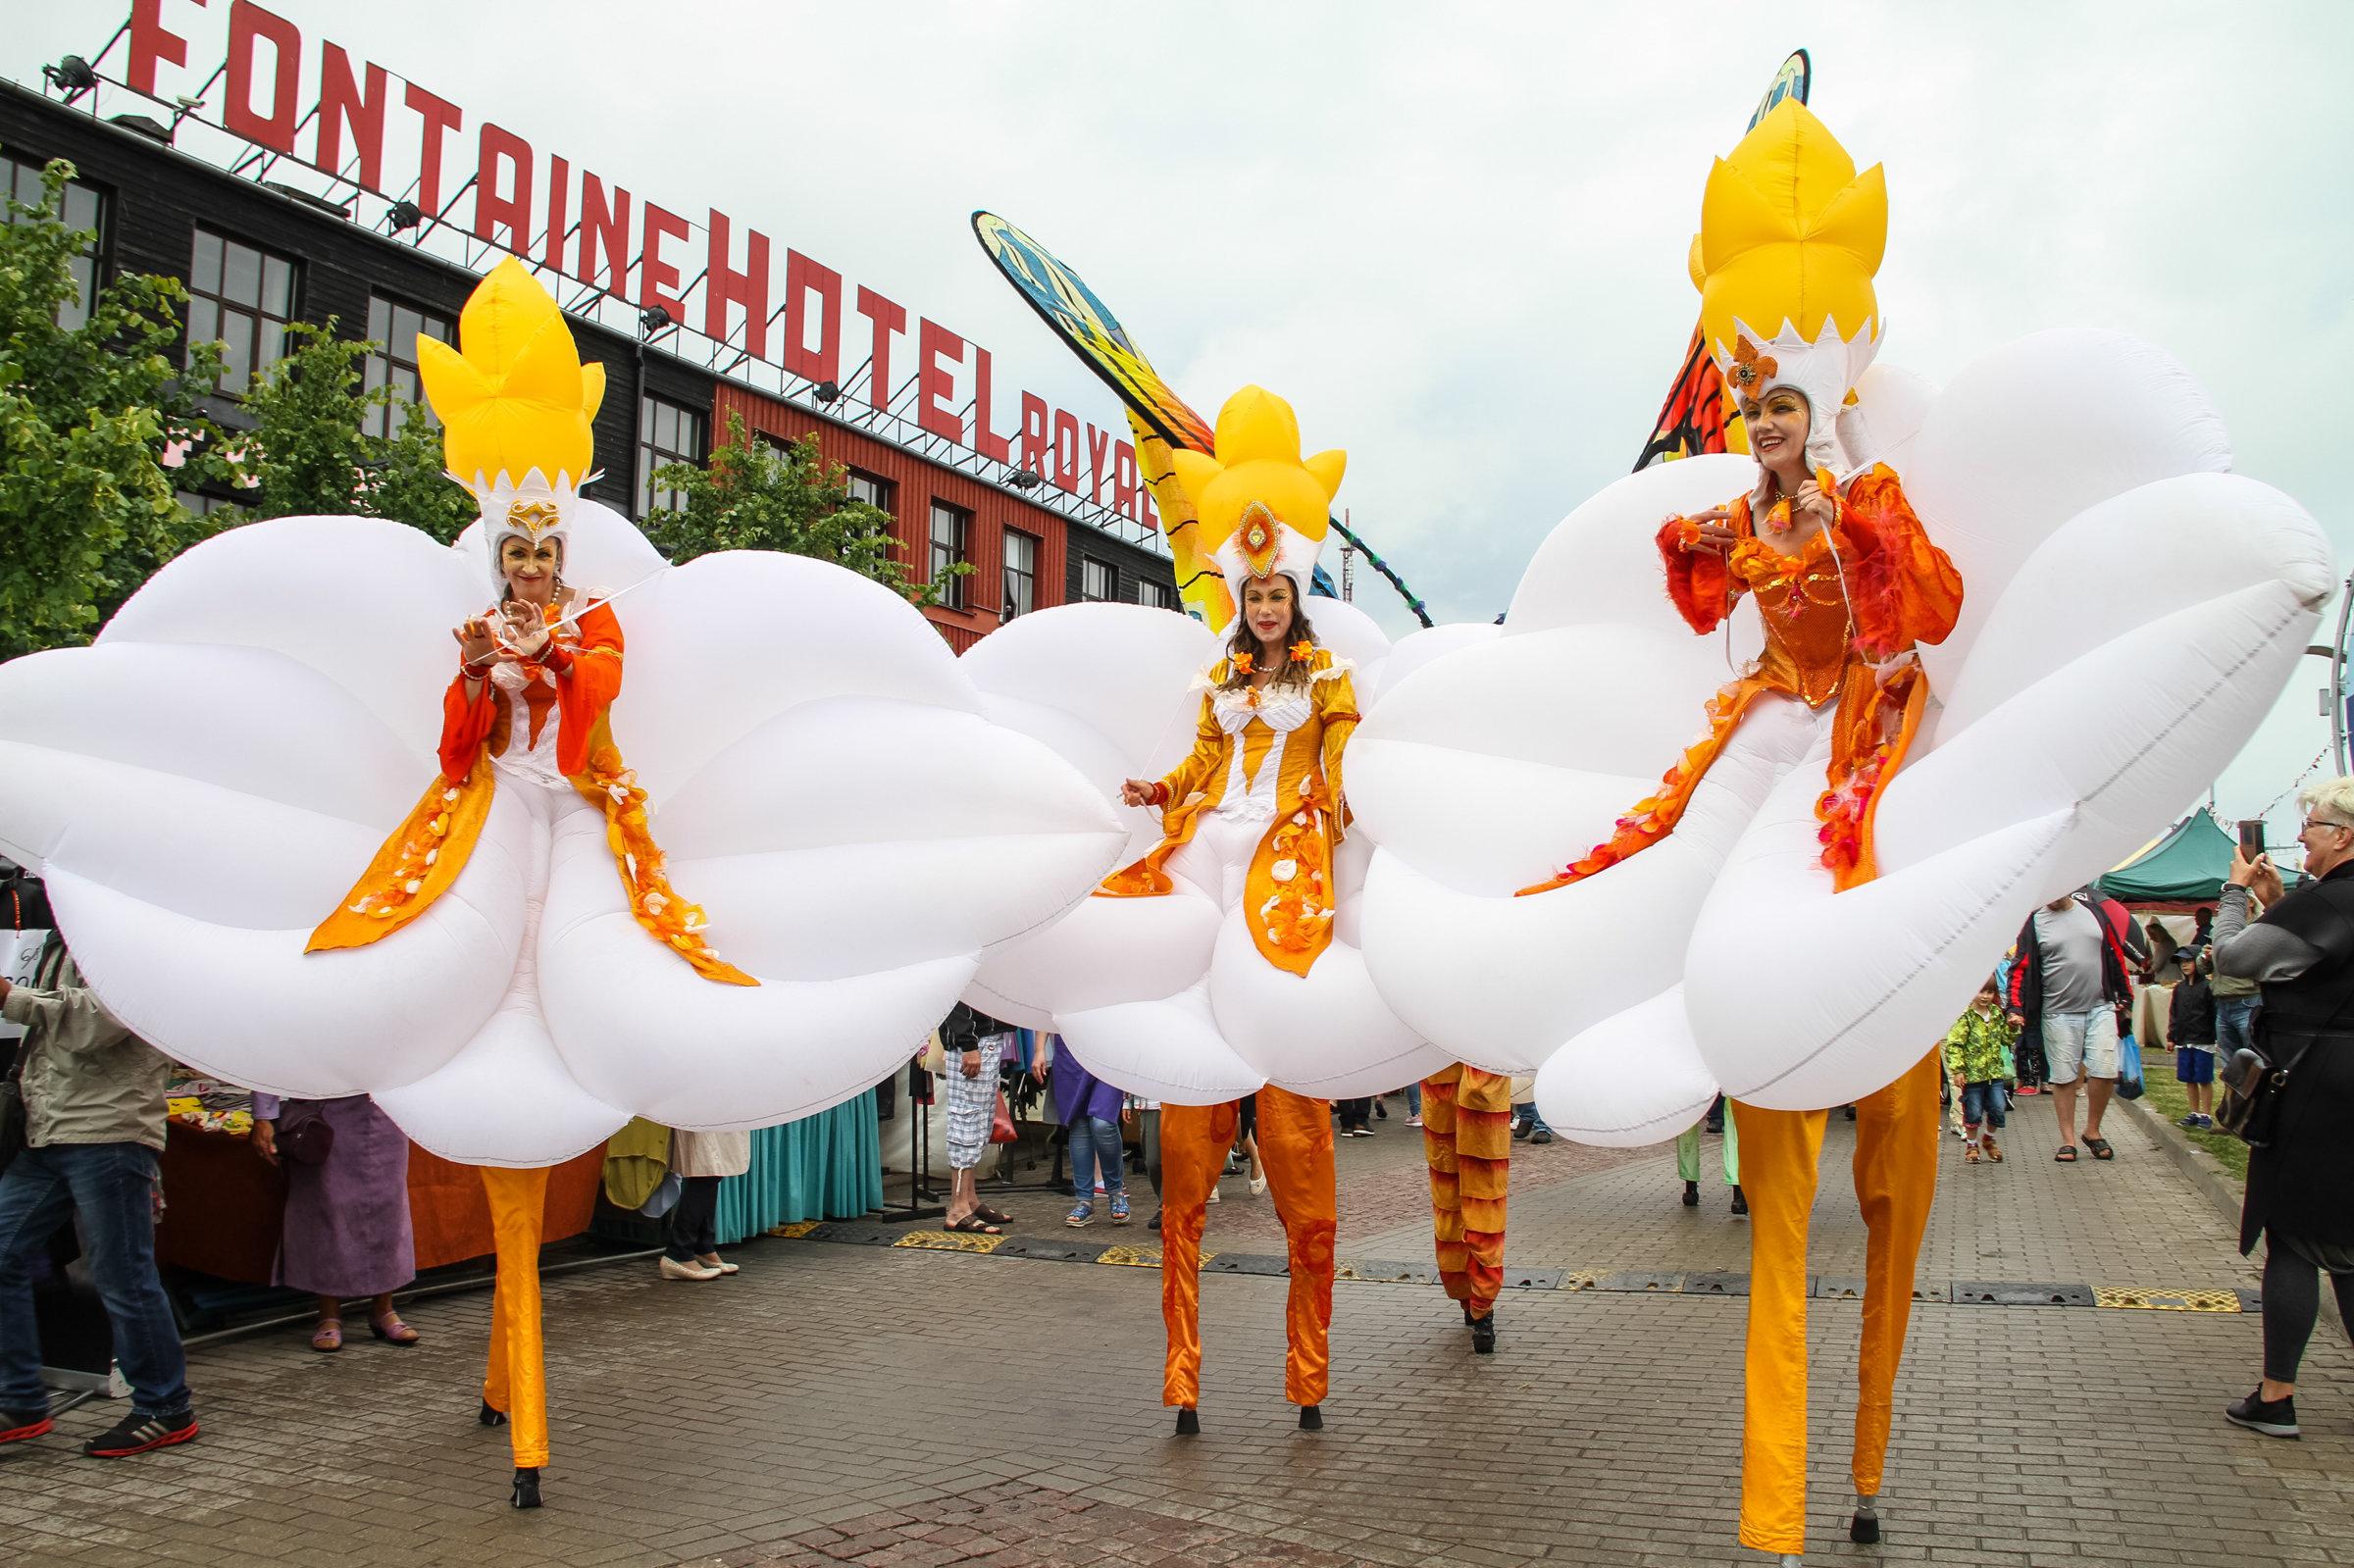 Уличные артисты на празднике в Лиепае